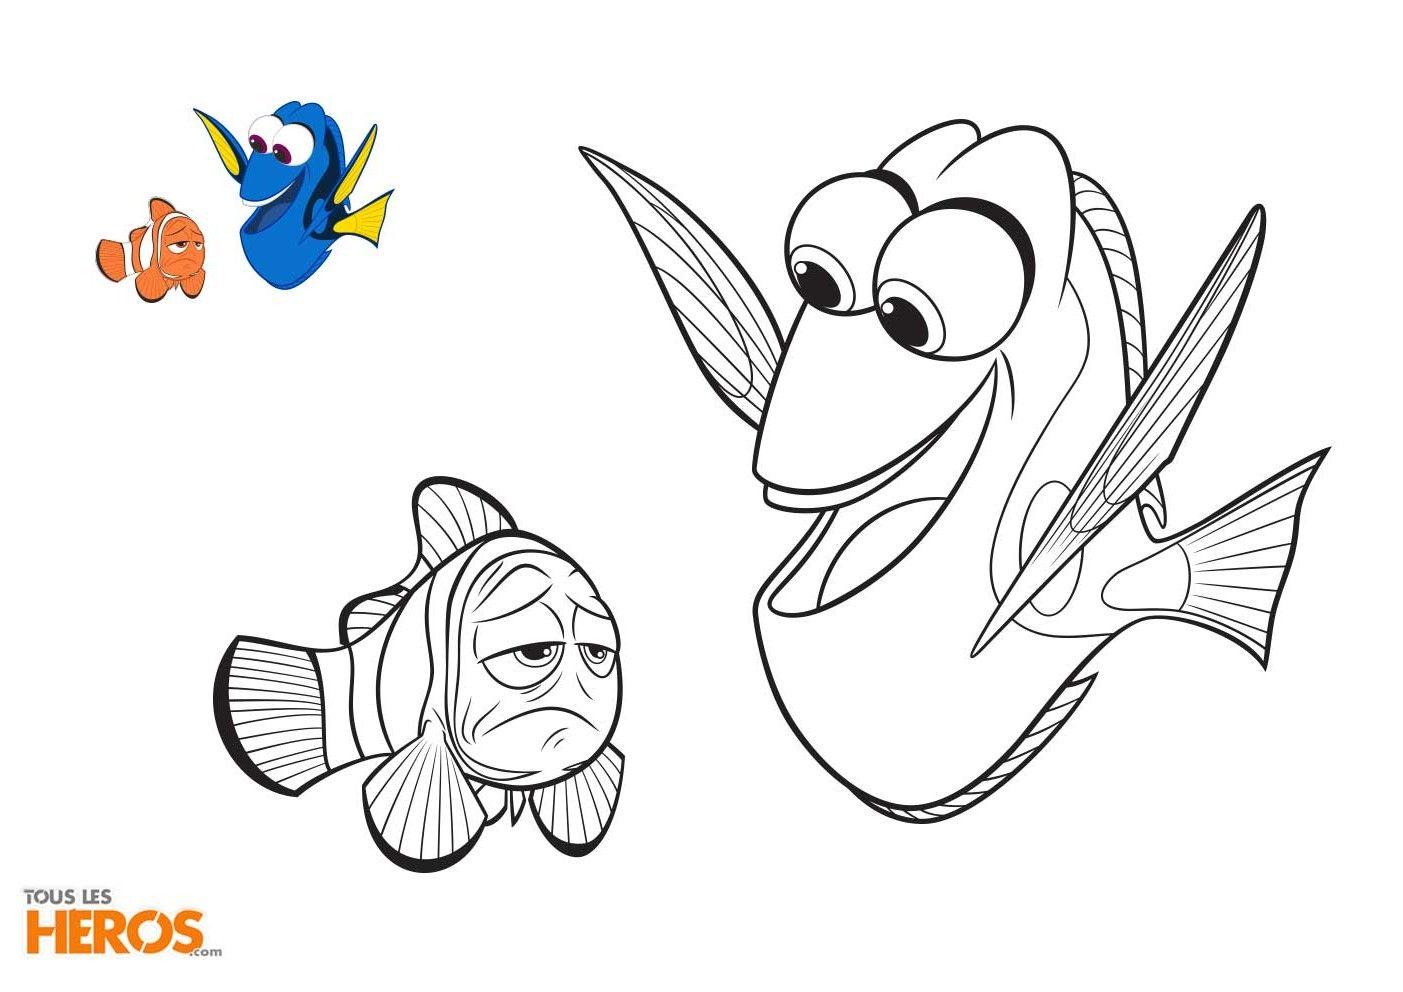 Rejoignez les poissons nemo et dory et tous leurs amis - Nemo coloriage ...